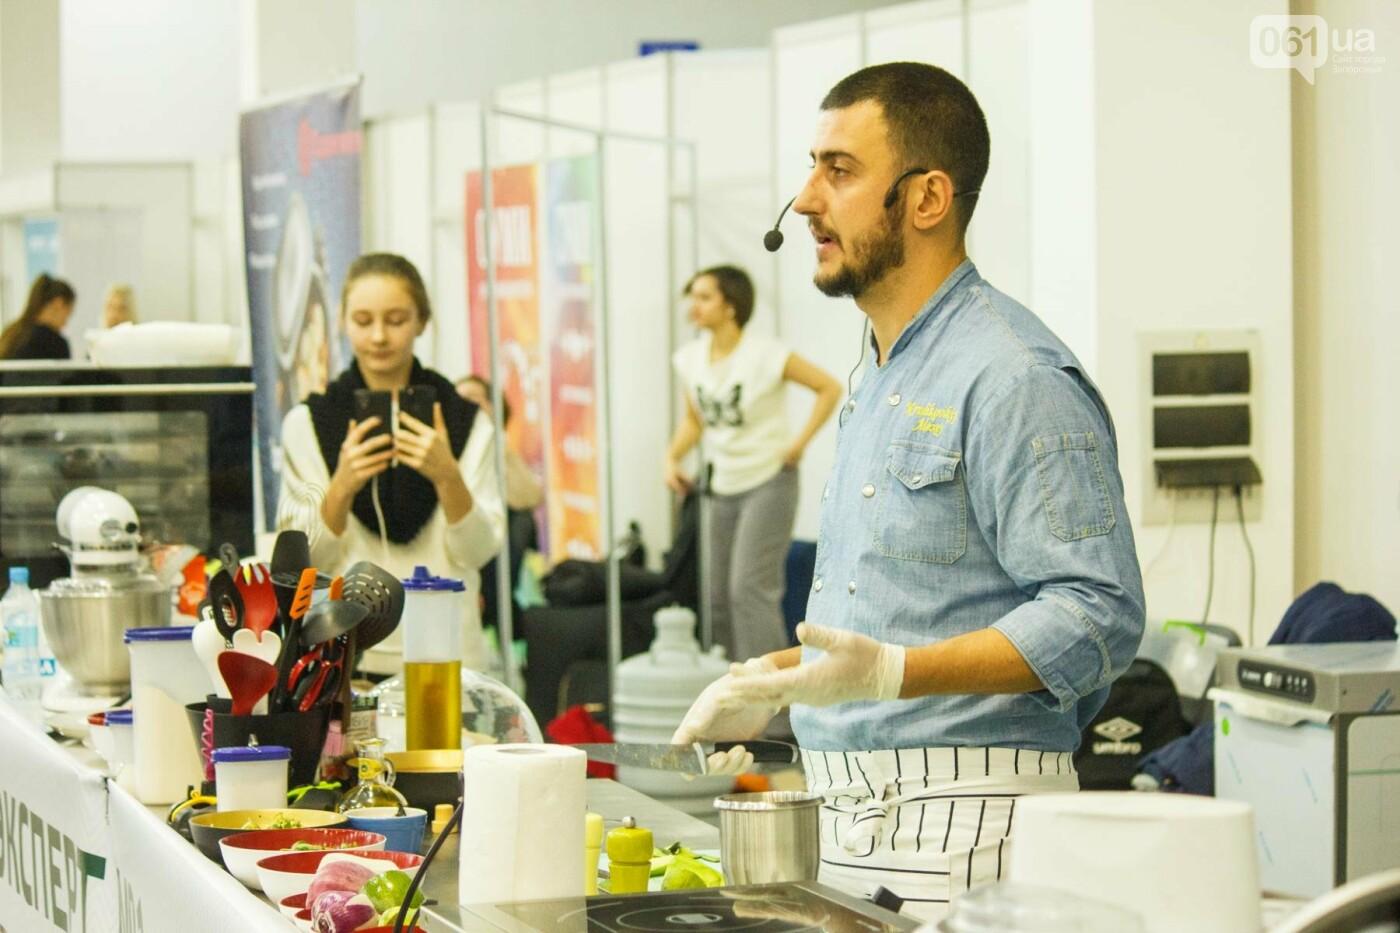 Шеф-повара запорожских ресторанов провели мастер-класс для горожан: как это было, - ФОТОРЕПОРТАЖ, фото-20